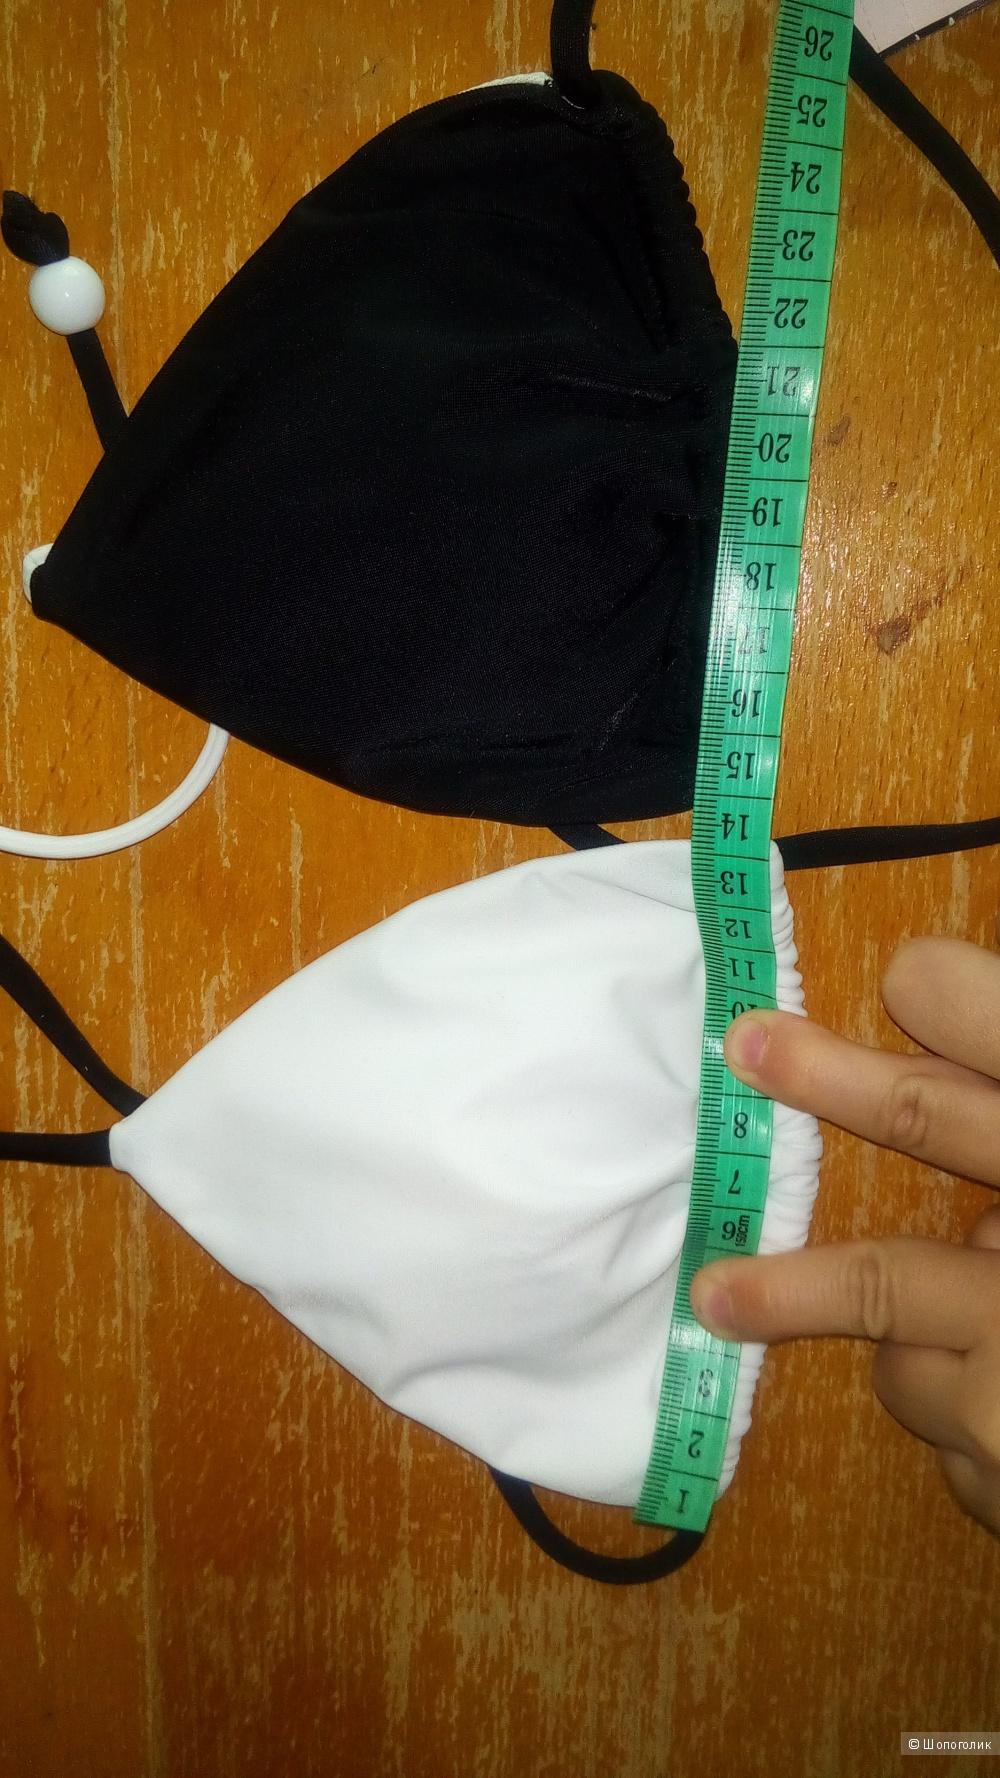 Купальник White/ Black(E26) XS+XS Victoria's Secret